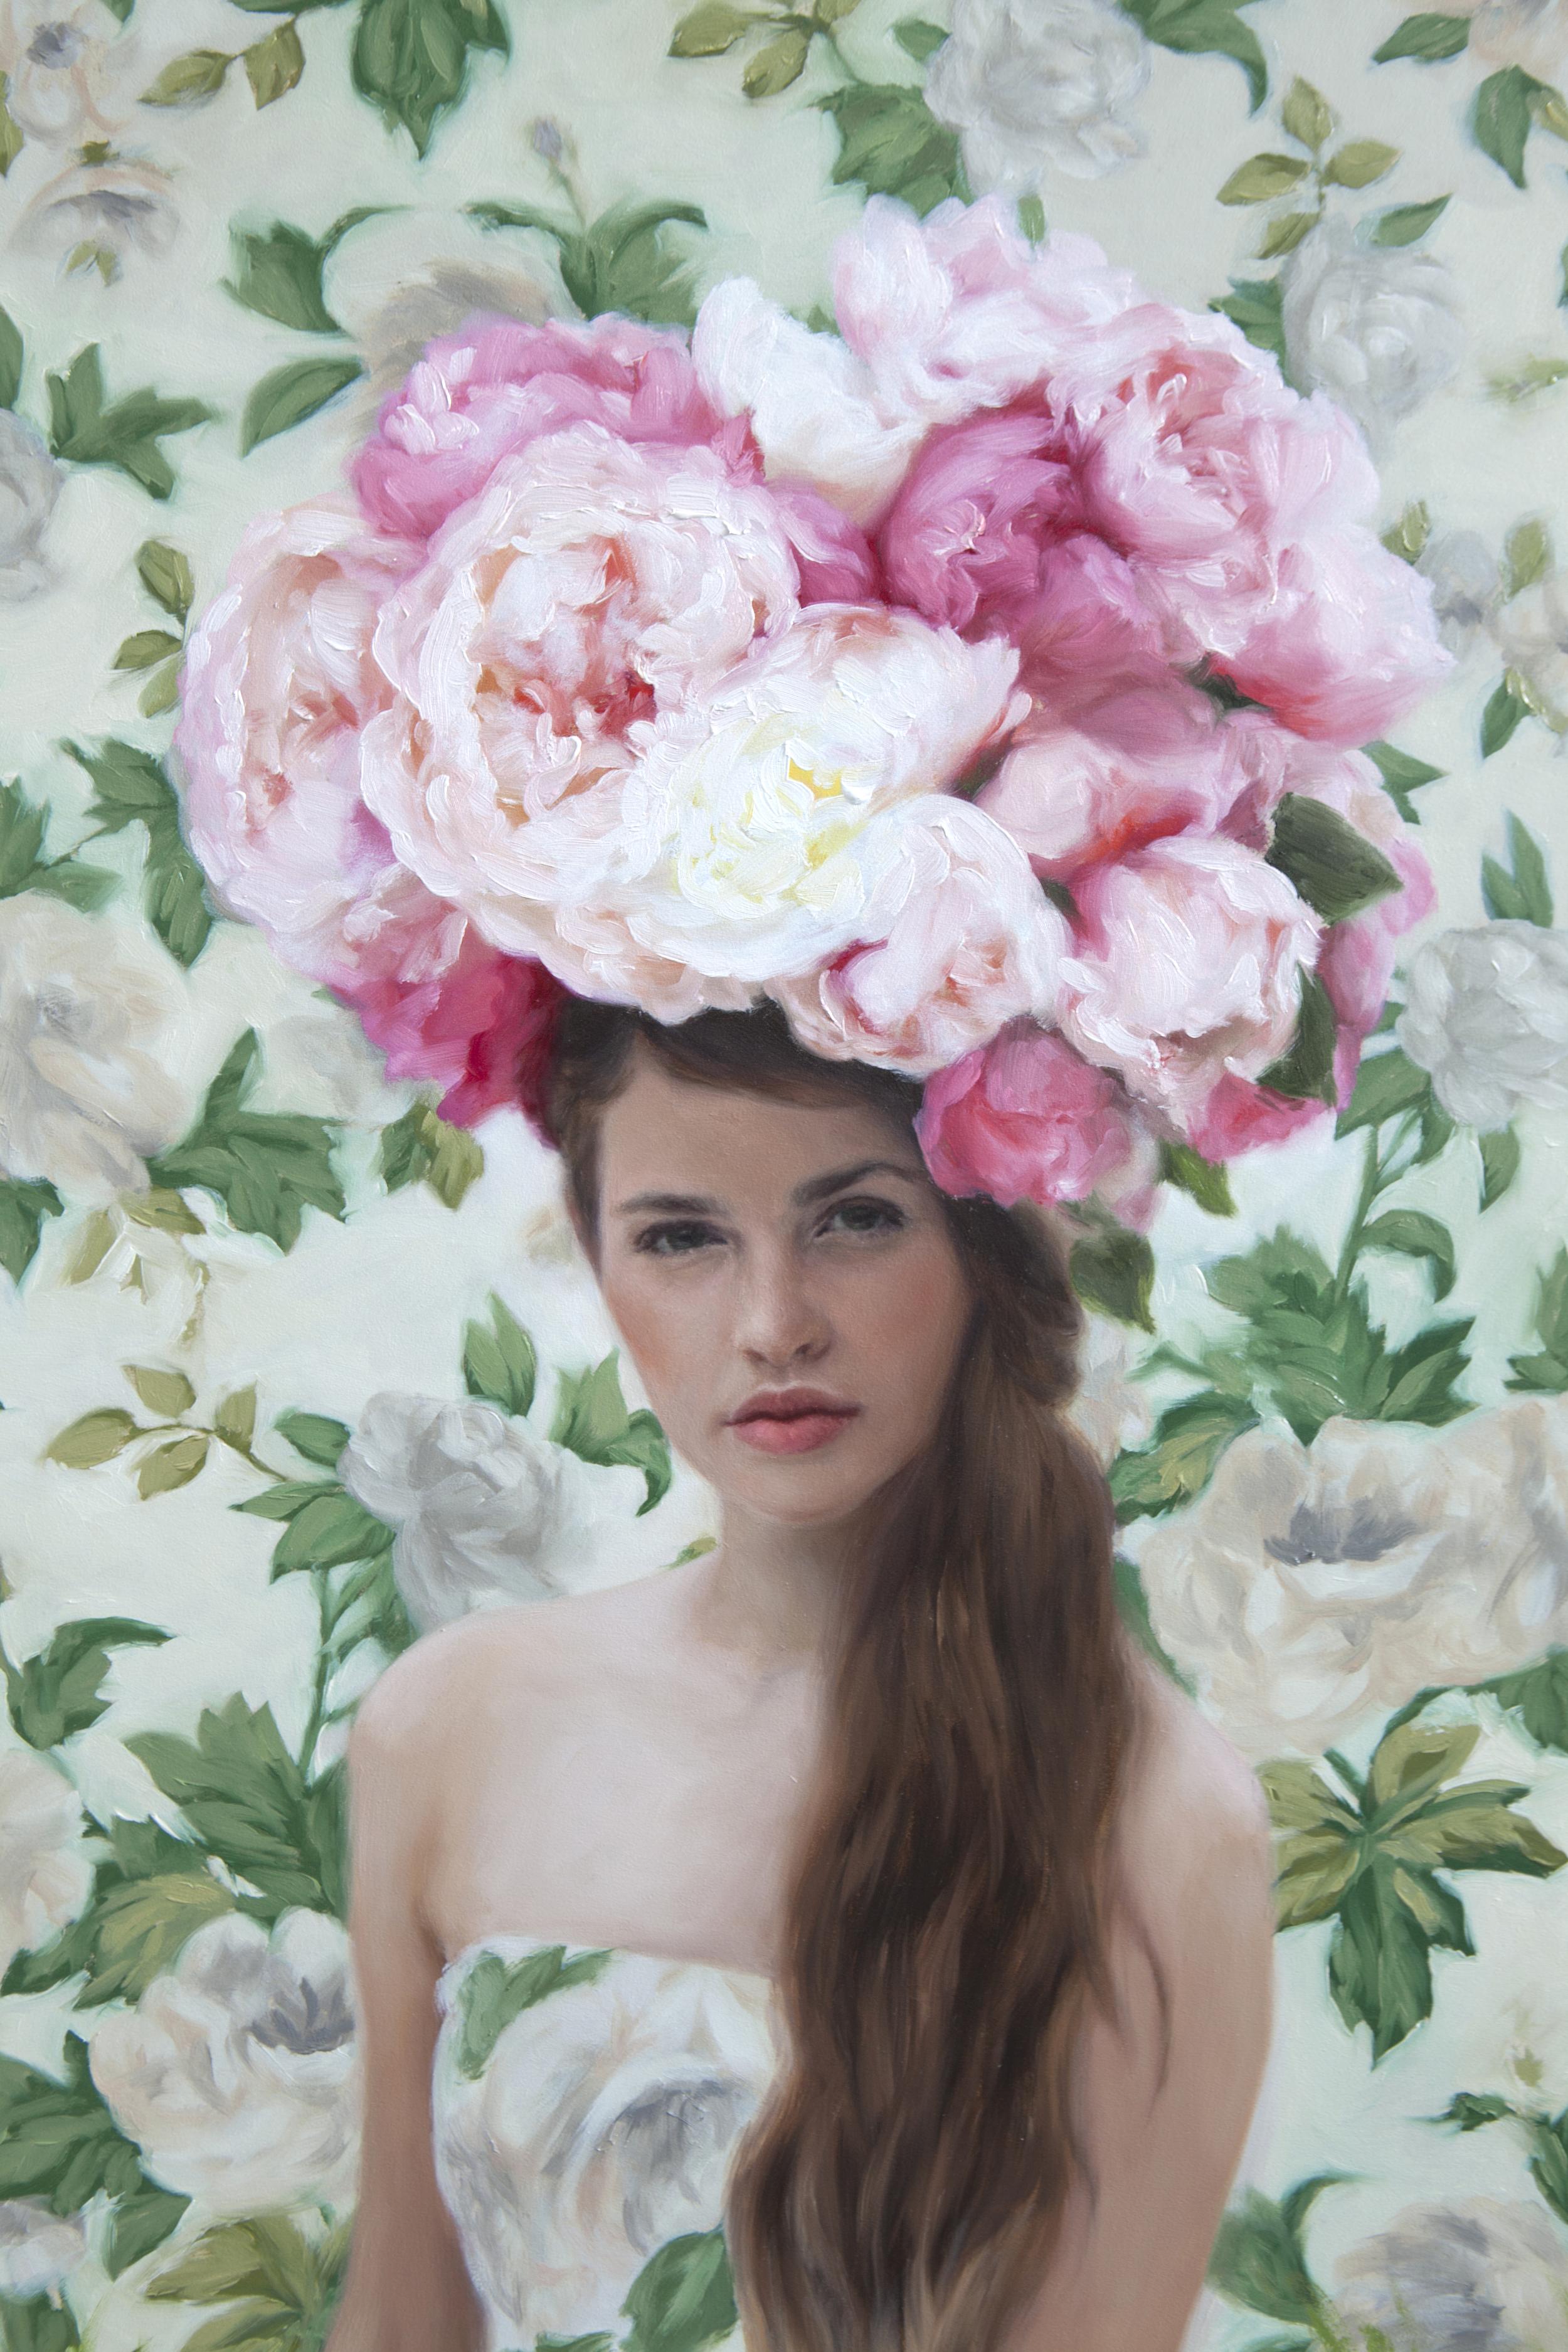 DETAIL-Bloom-face-light.jpg